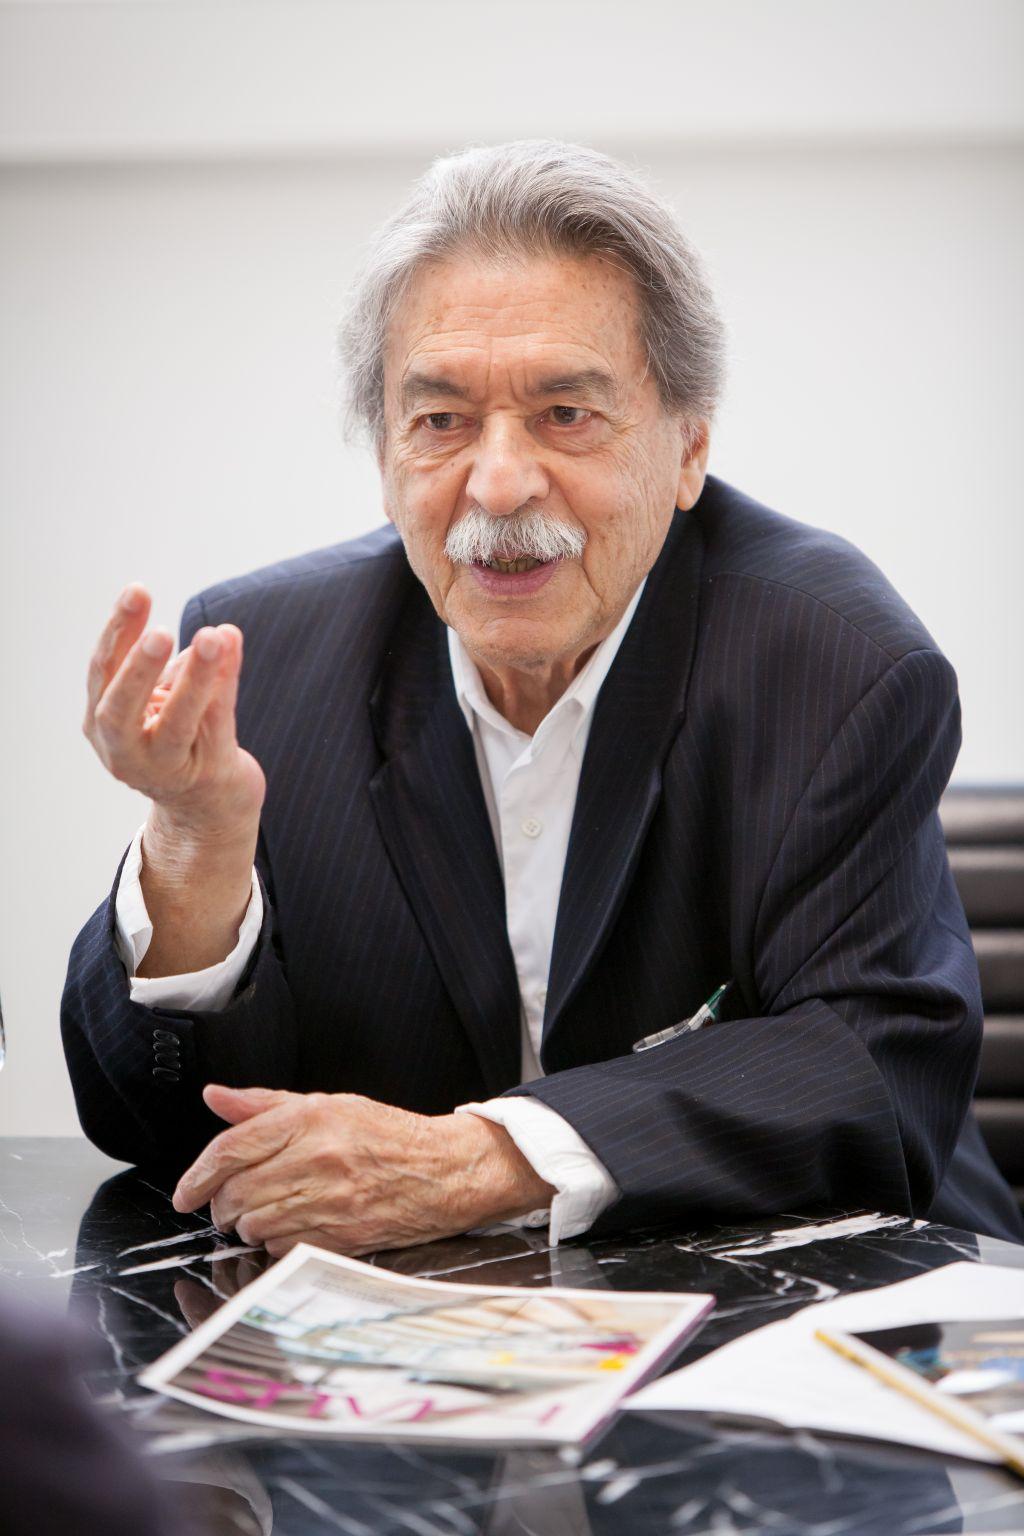 Fotos do arquiteto Paulo Mendes da Rocha durante a entrevista e Retrato após para a Revista HAUS. Na foto: Paulo Mendes Rocha, 86. Arquiteto.  Local: Museu Oscar Niemeyer